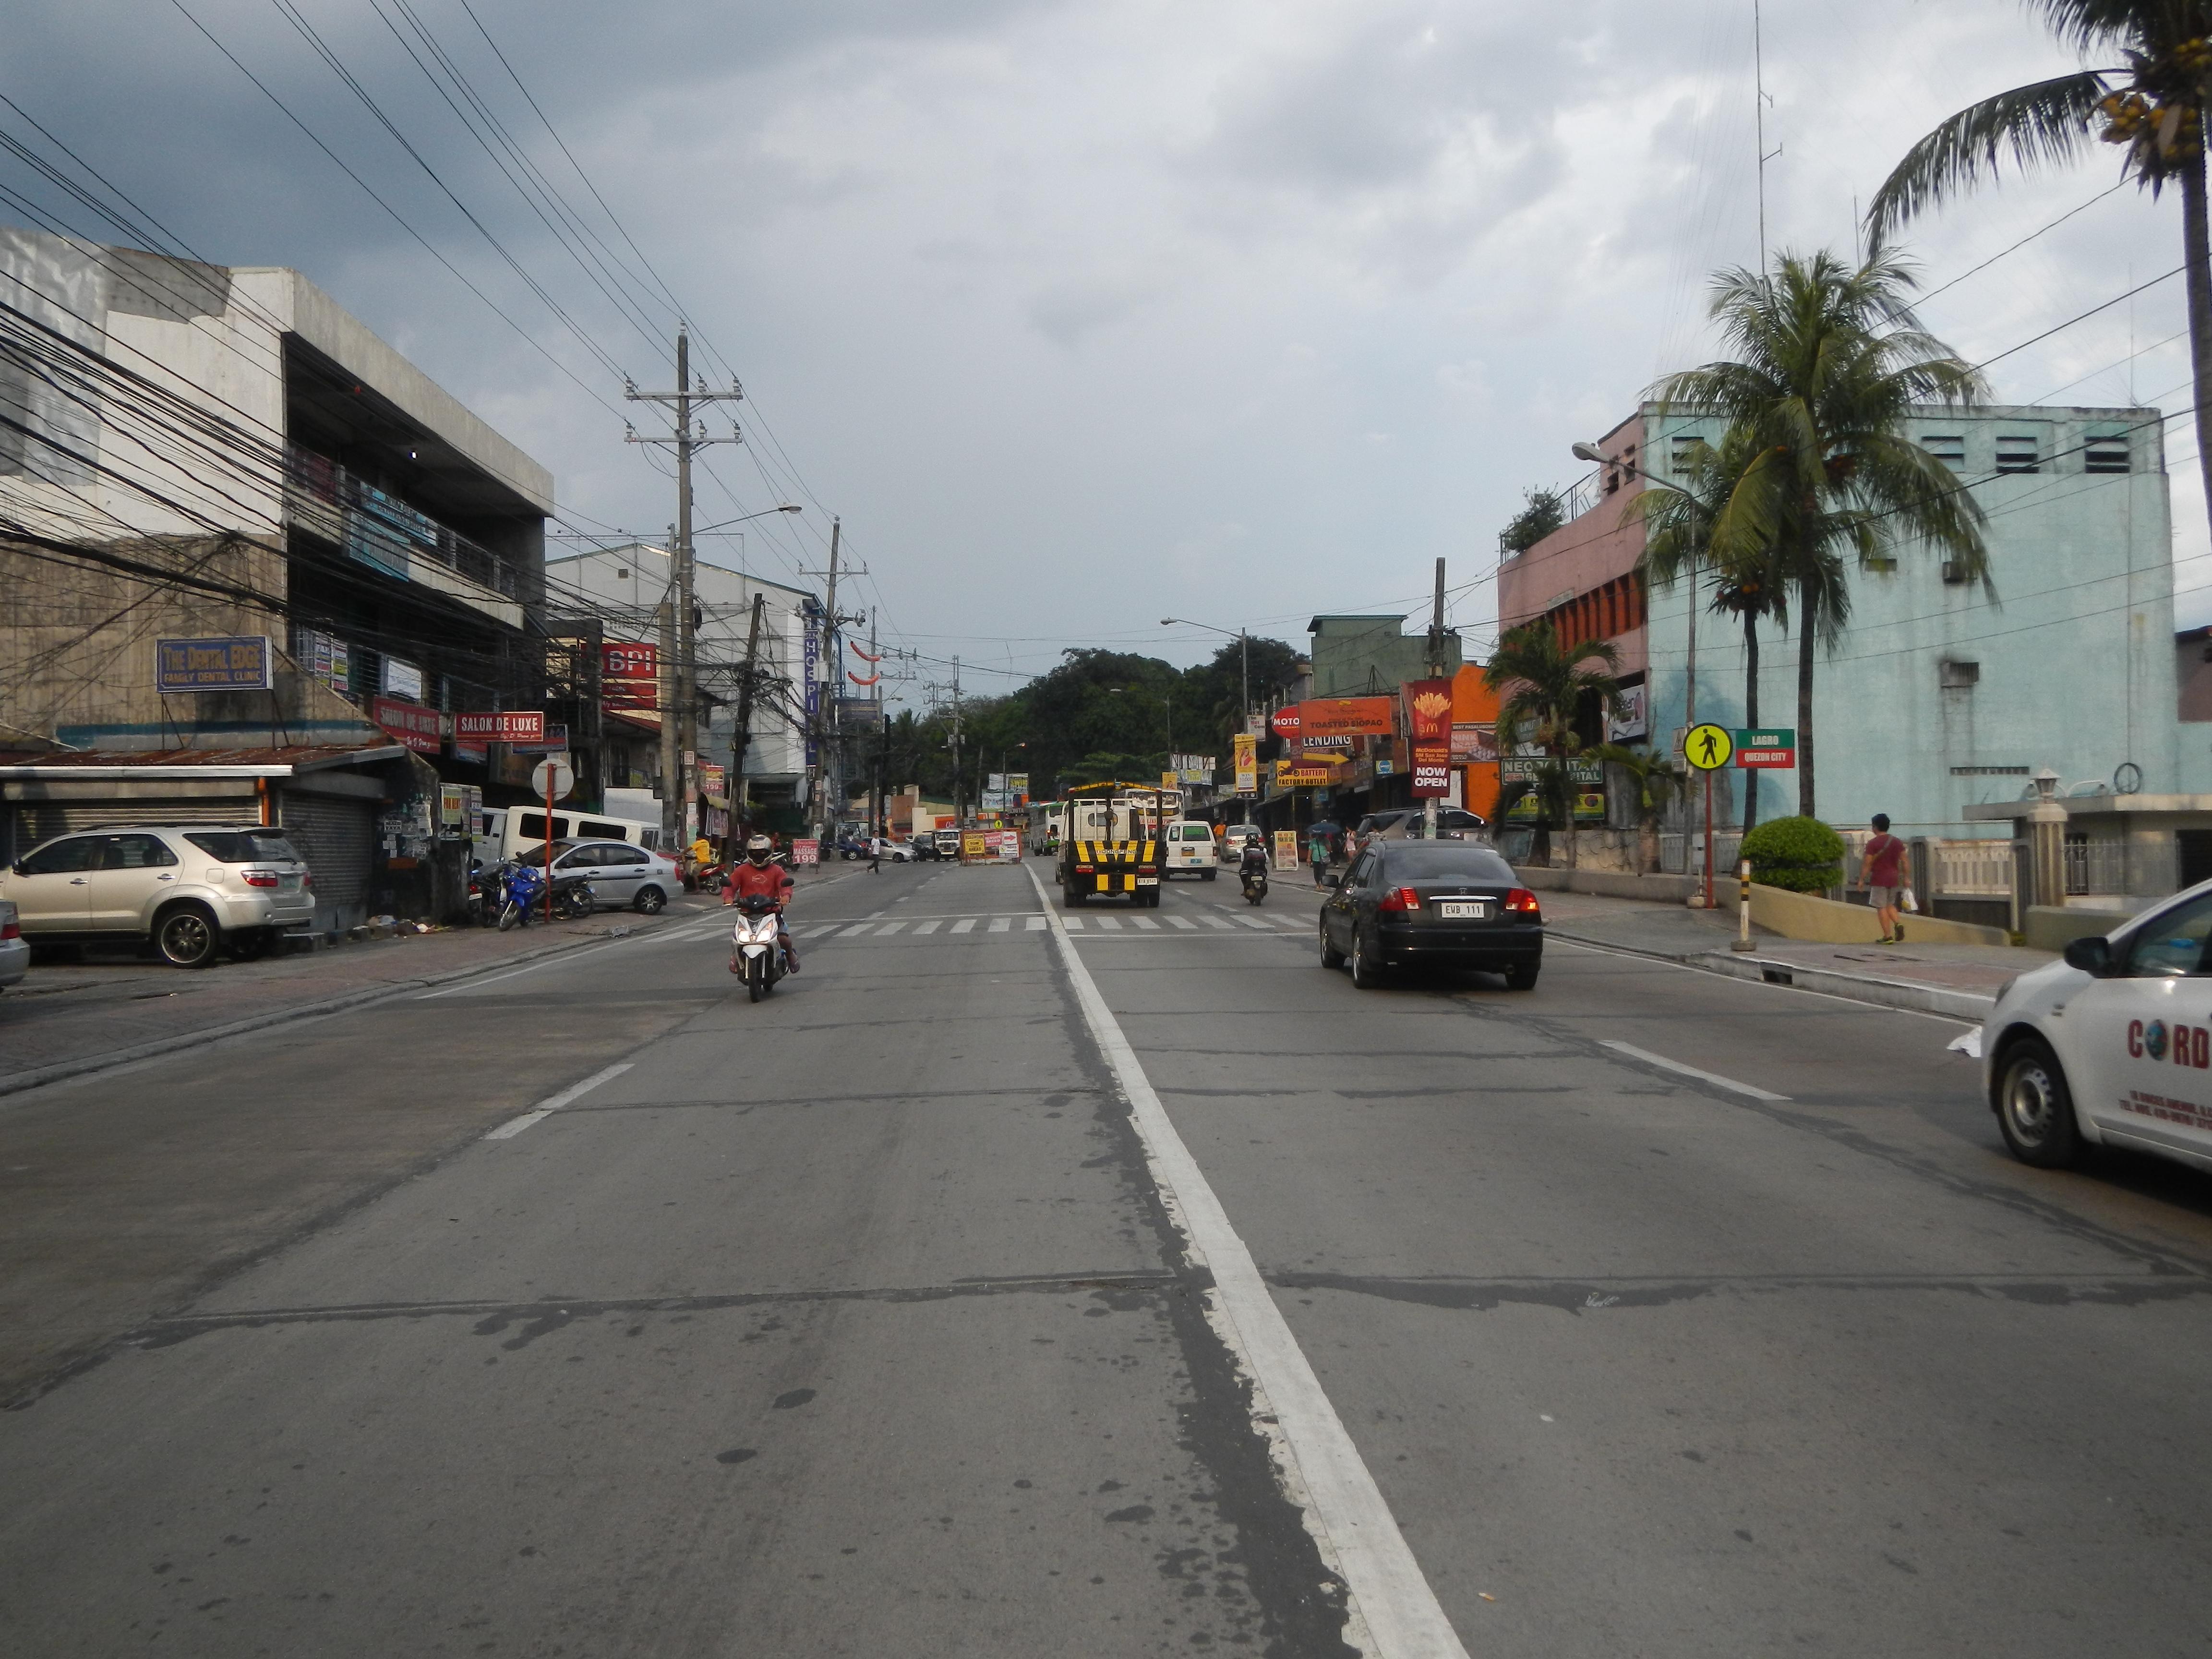 House Lot Quezon City Lagro – Migliori Pagine da Colorare